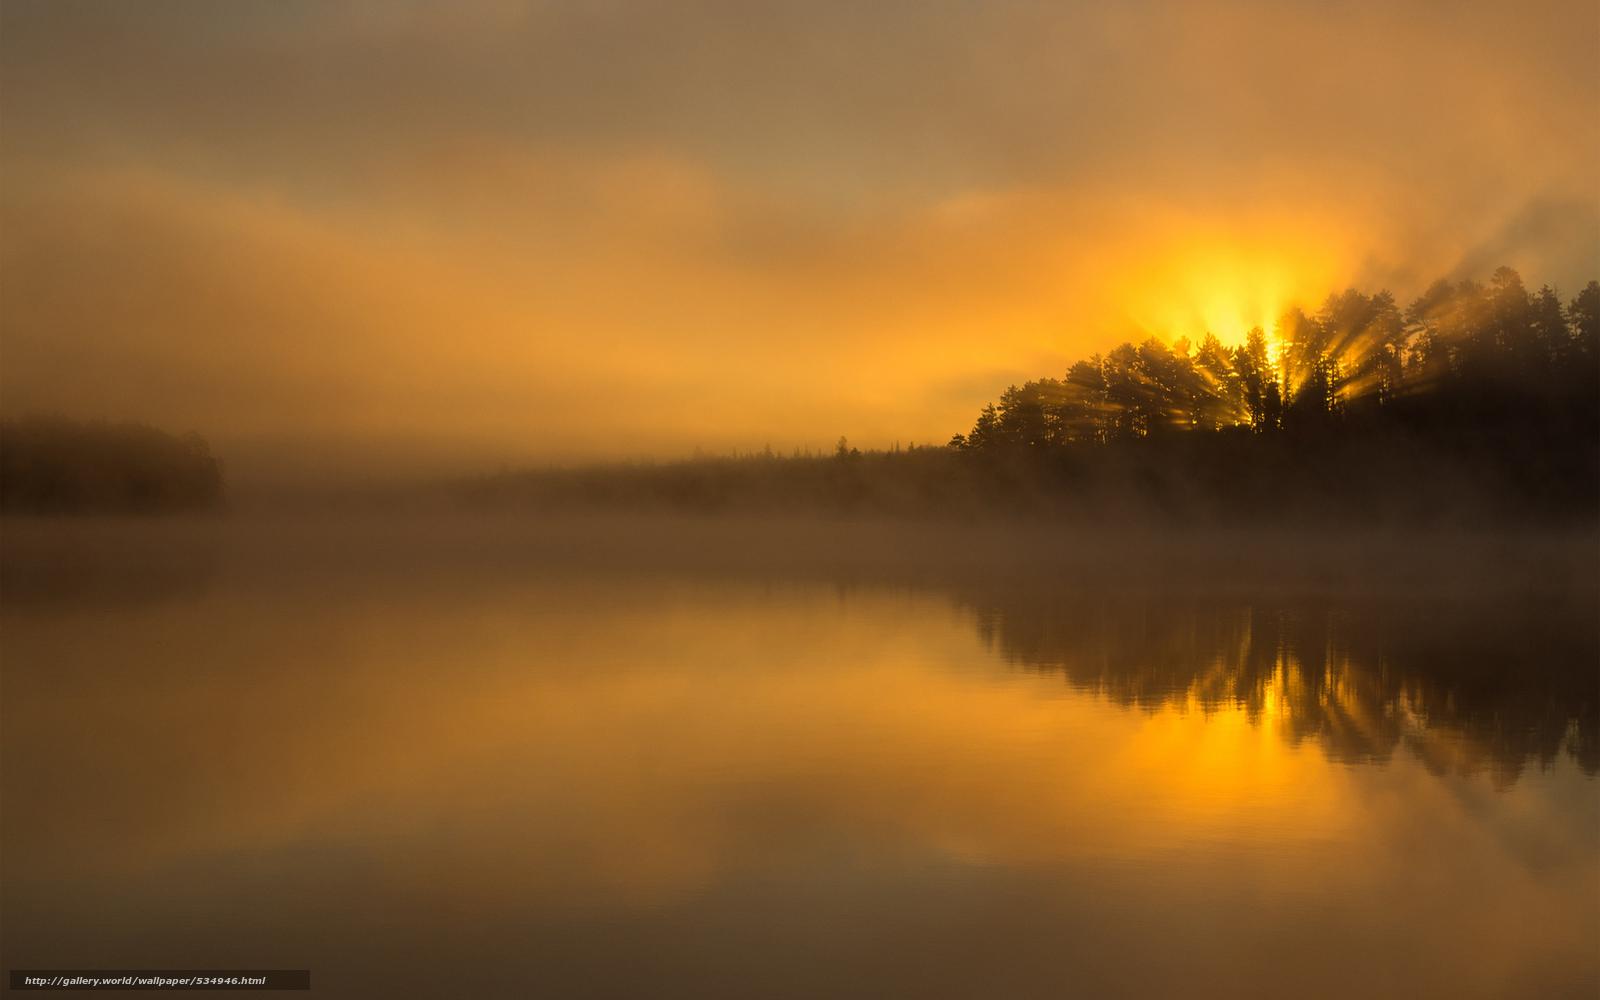 pobra tapety słońce, jezioro, poświata, las Darmowe tapety ...